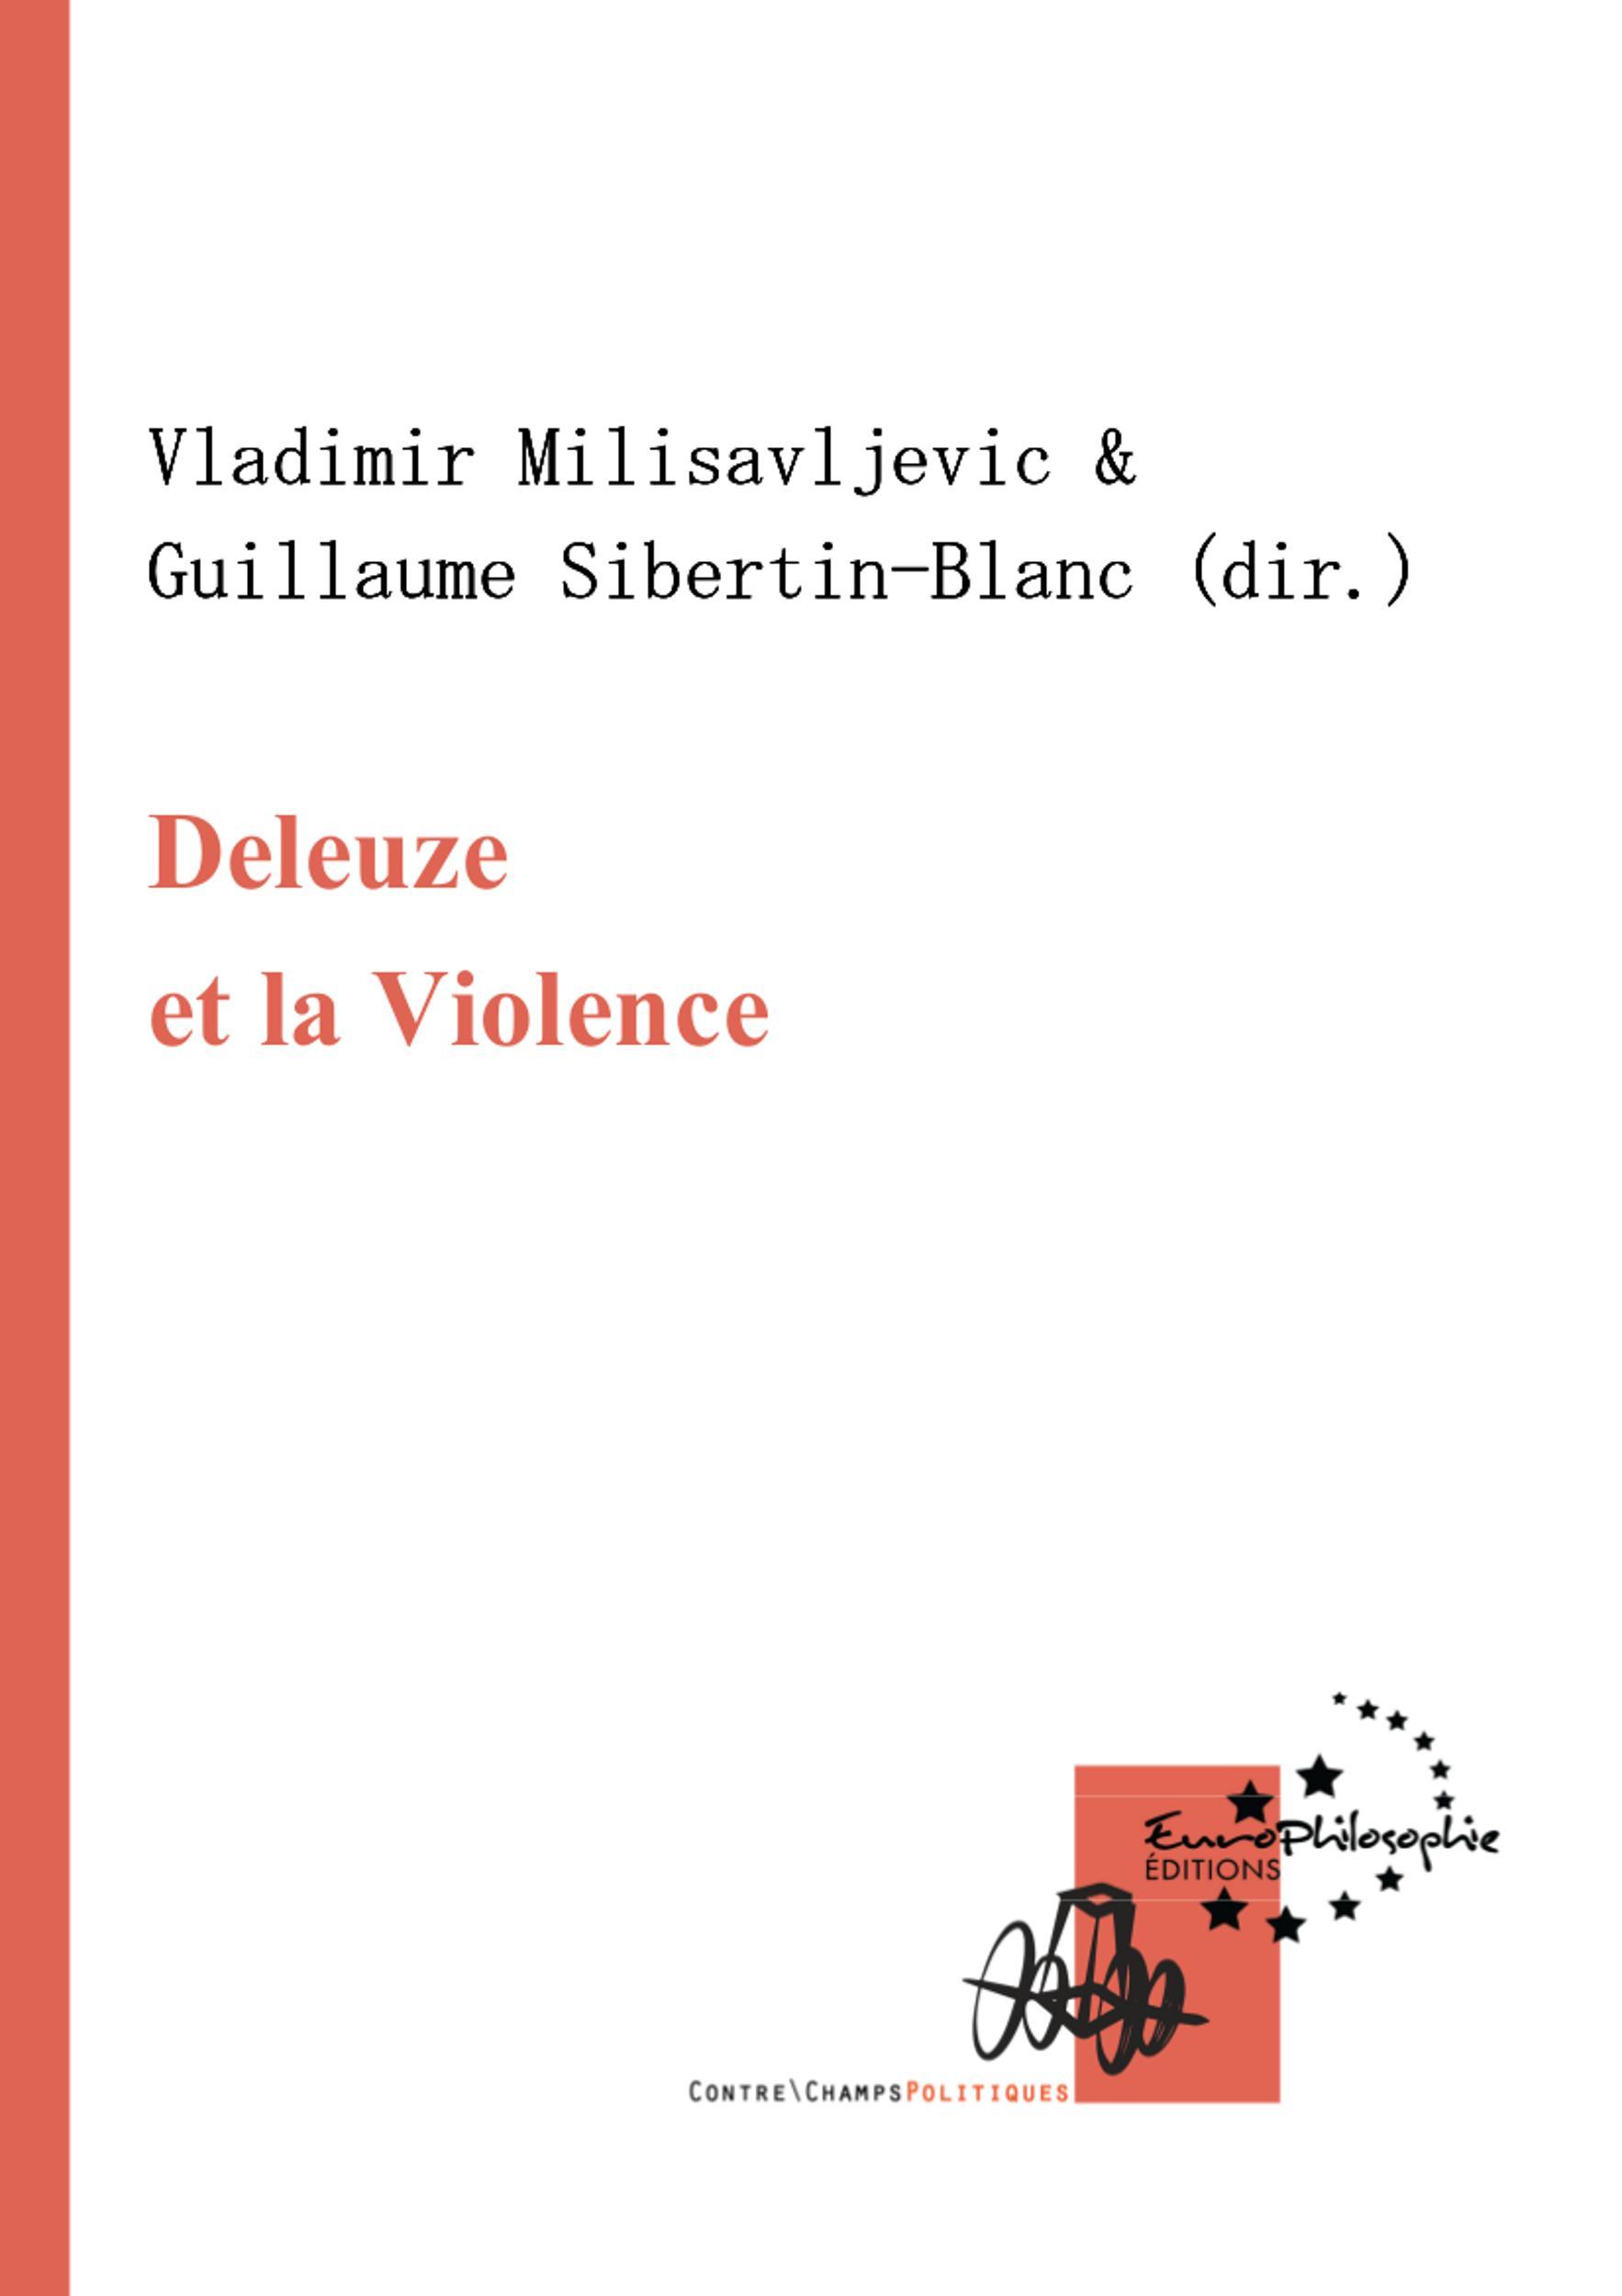 Deleuze et la violence